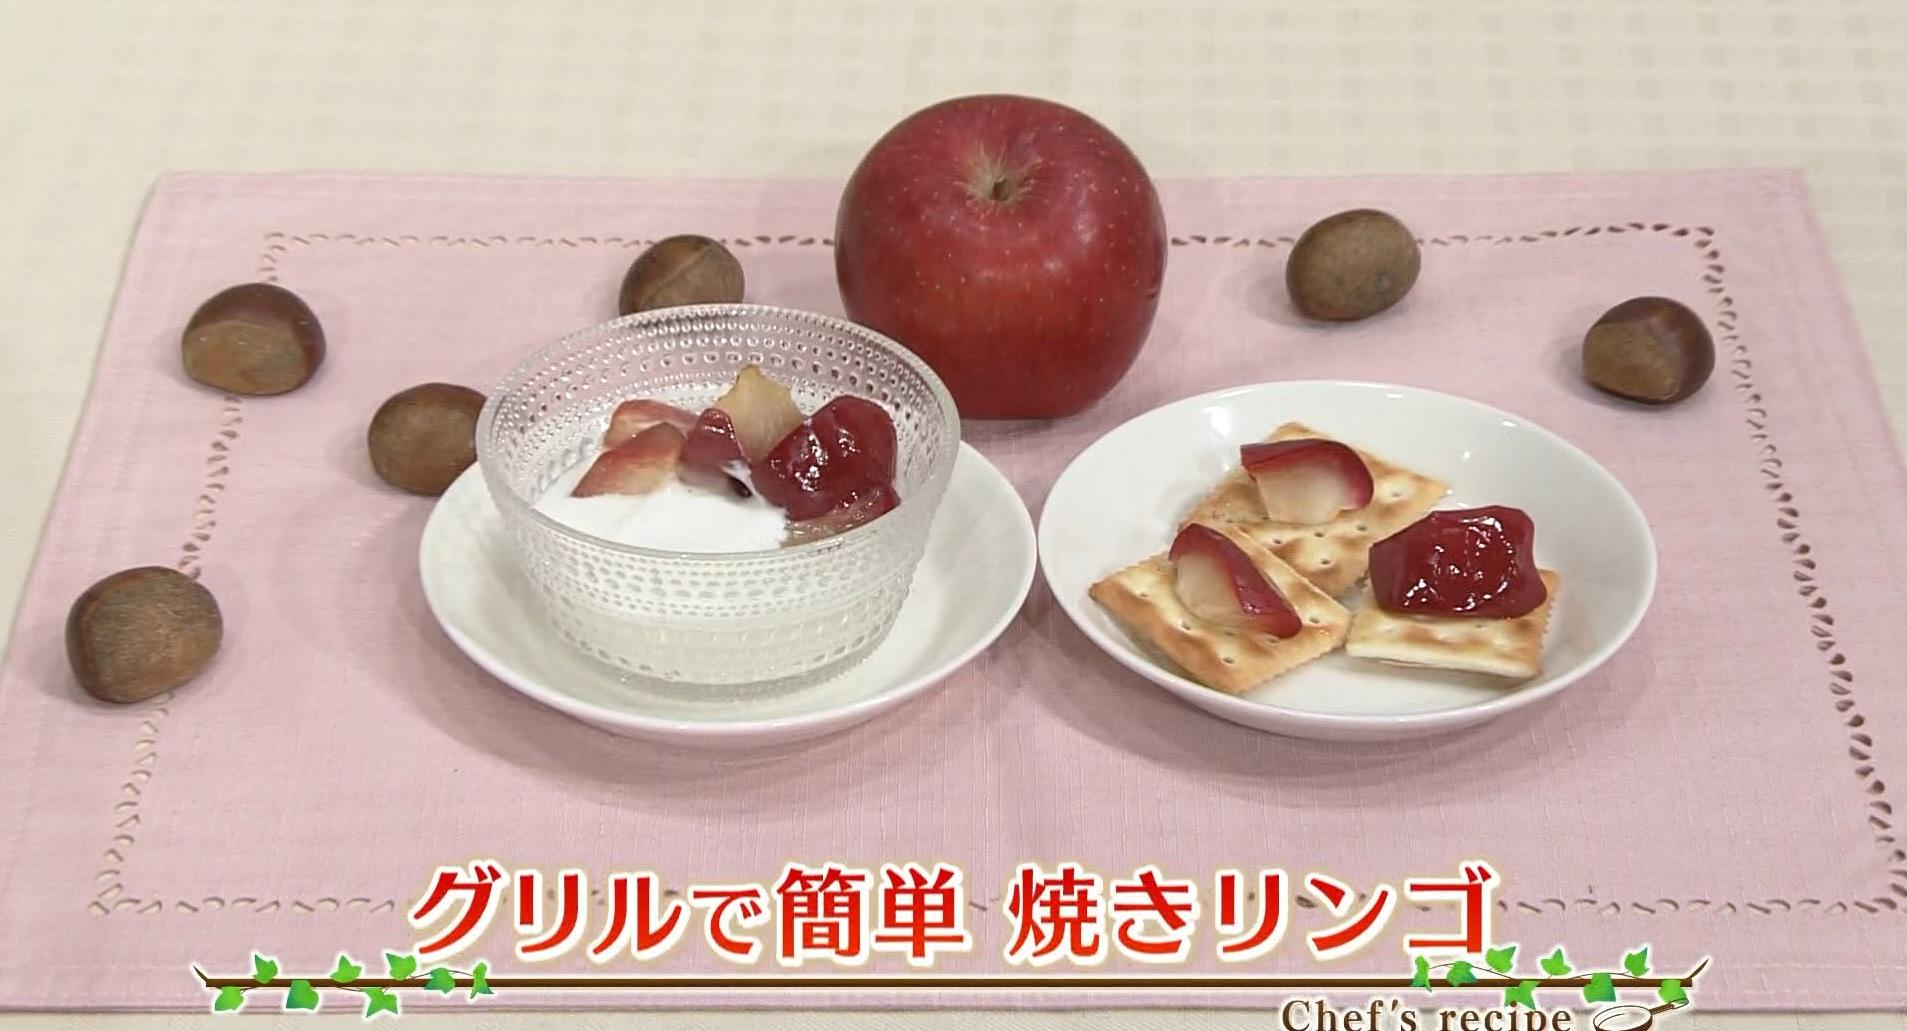 えび☆ステ【シェフズレシピ】グリルで簡単 焼きリンゴ   by渡部恵美